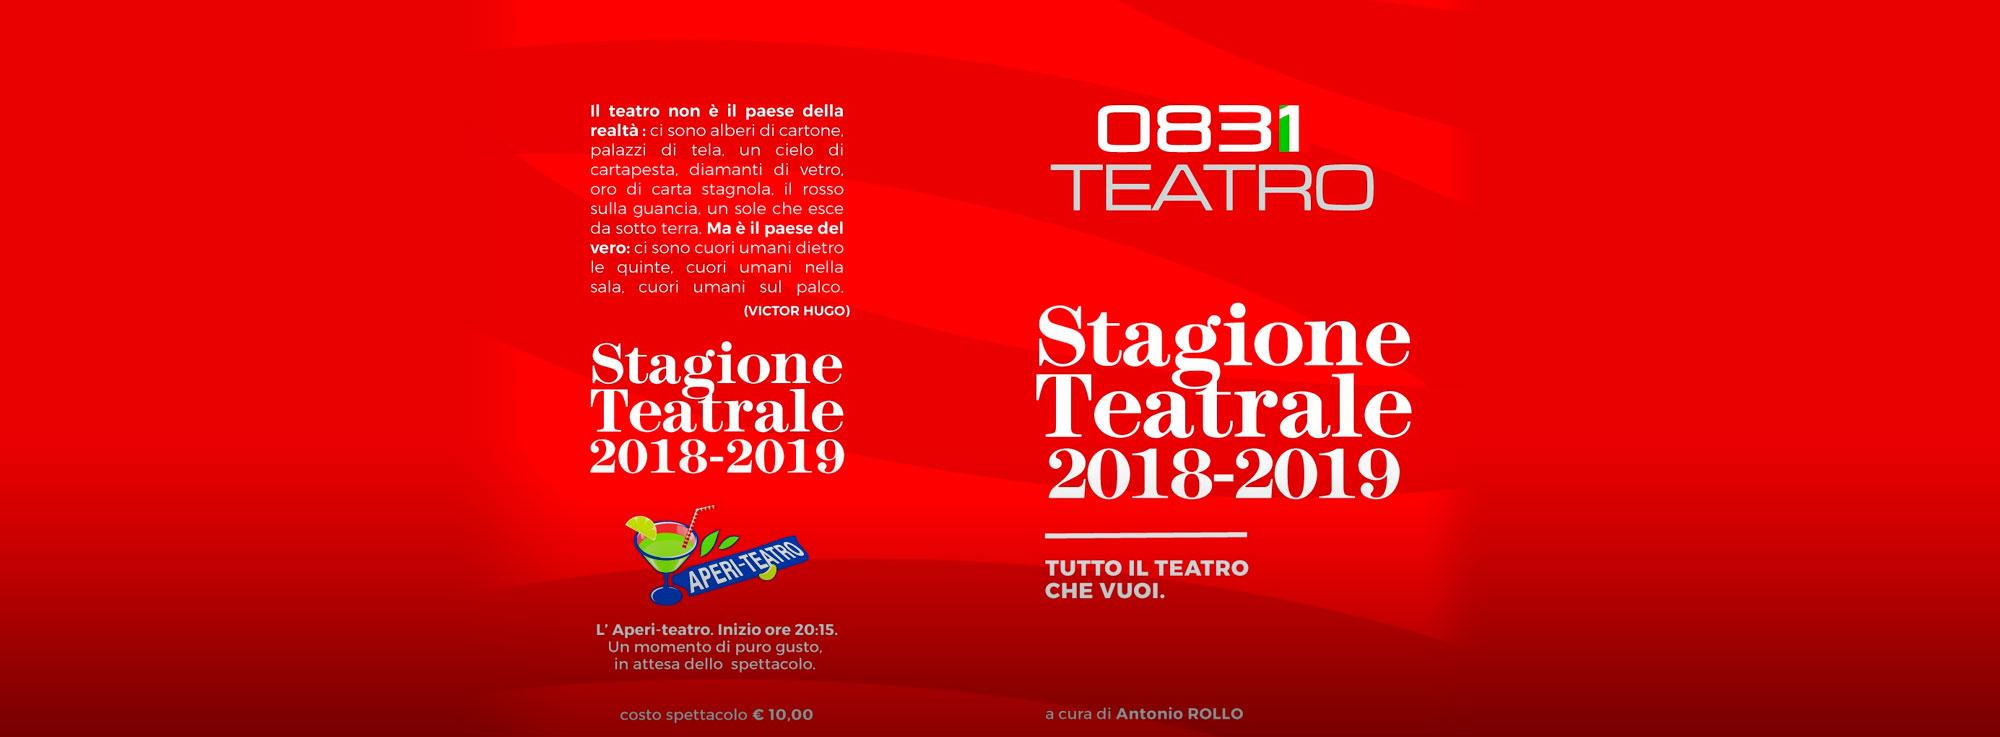 Brindisi: 0831 Teatro